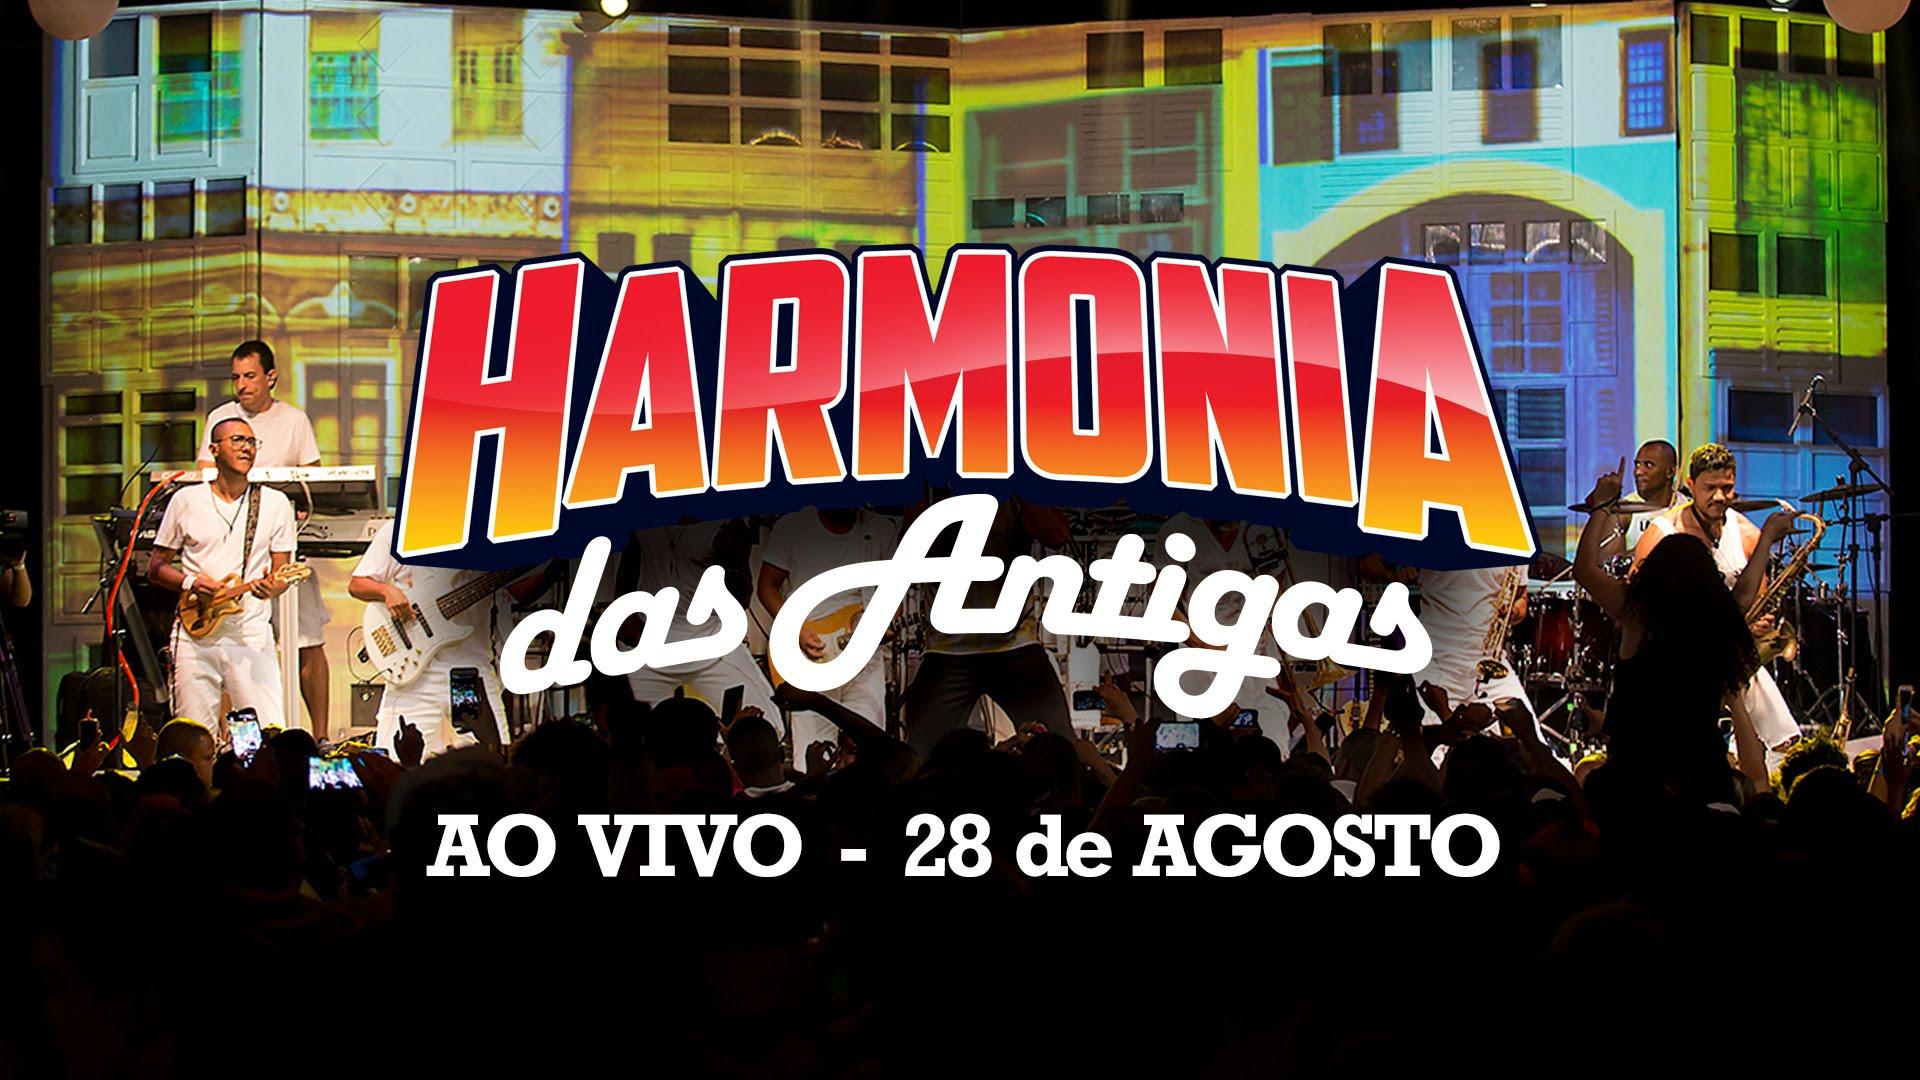 DVD HARMONIA DAS ANTIGAS AO VIVO EM SALVADOR